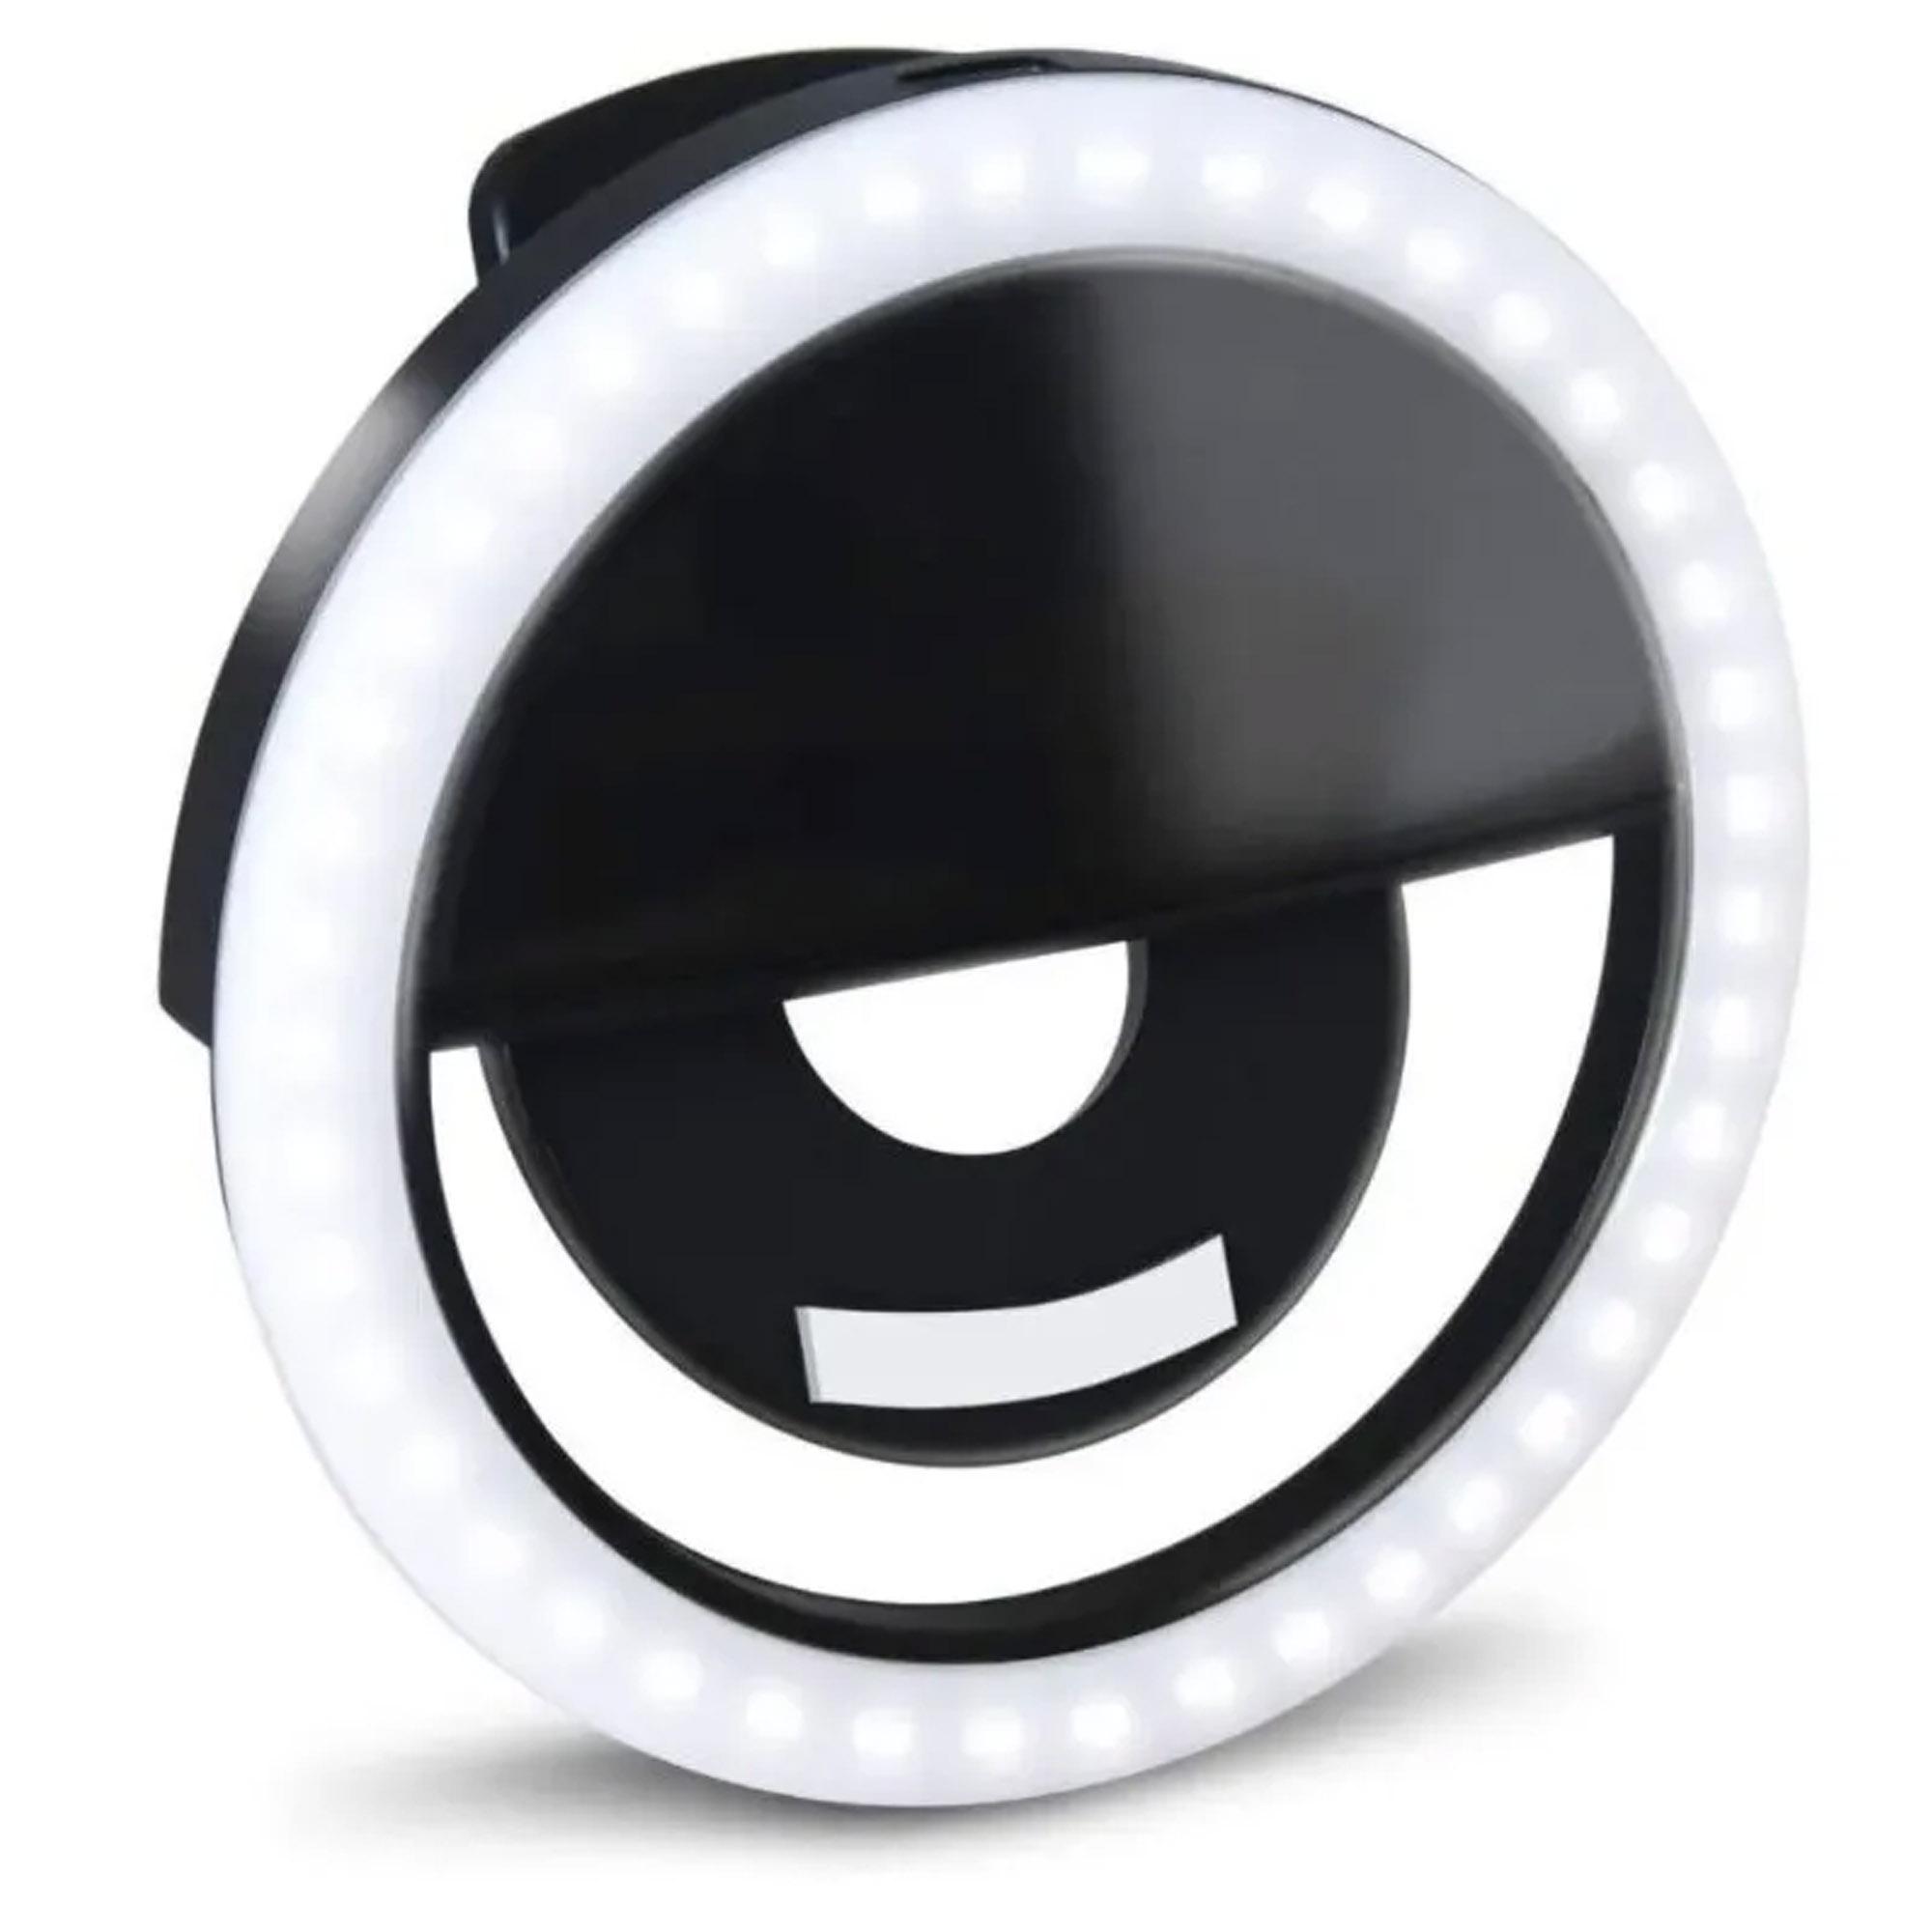 MINI RING LIGHT PARA CELULAR - MB TECH